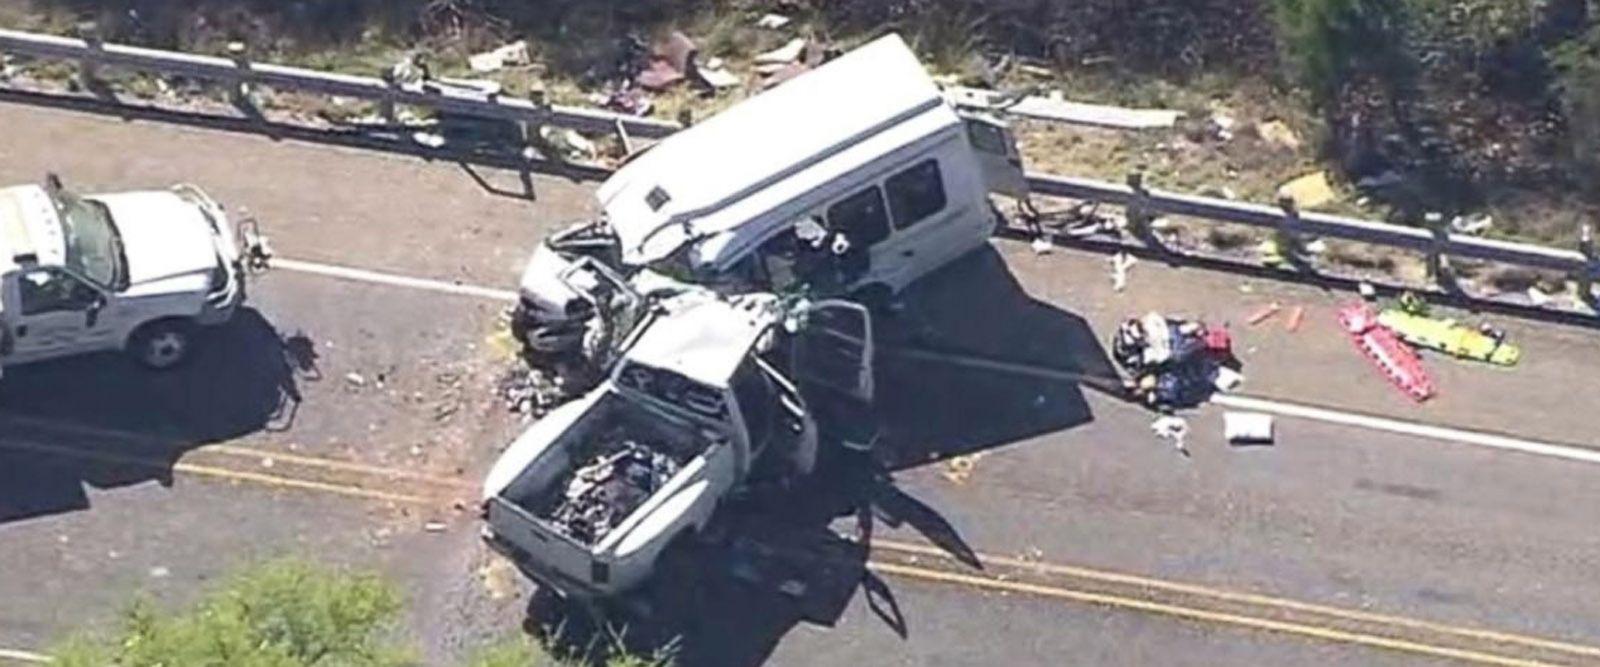 VIDEO: 12 dead in Texas church bus crash